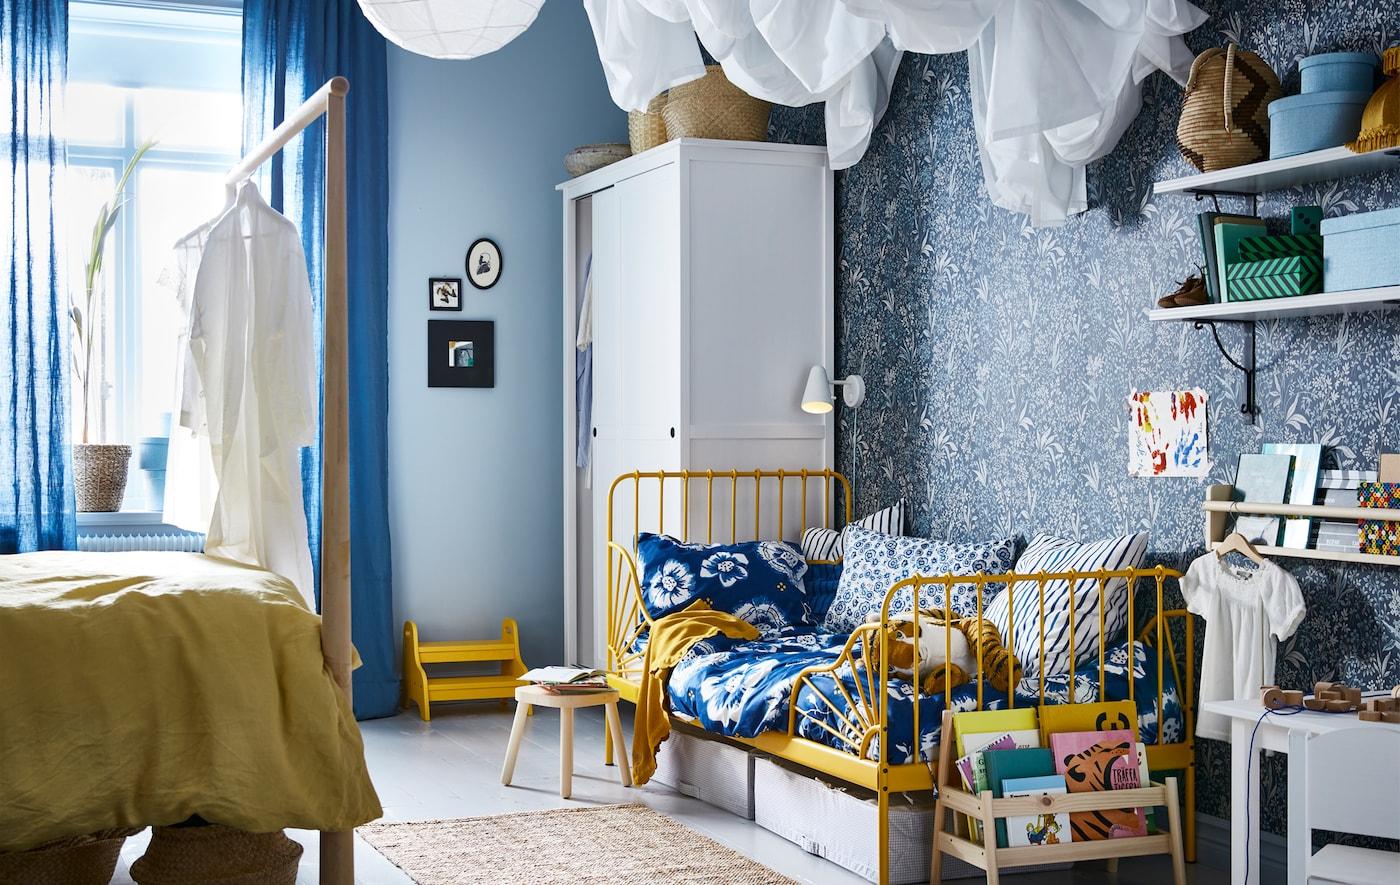 Une chambre à coucher dans une palette bleu et jaune, avec un lit adulte d'un côté et un lit d'enfant de l'autre.